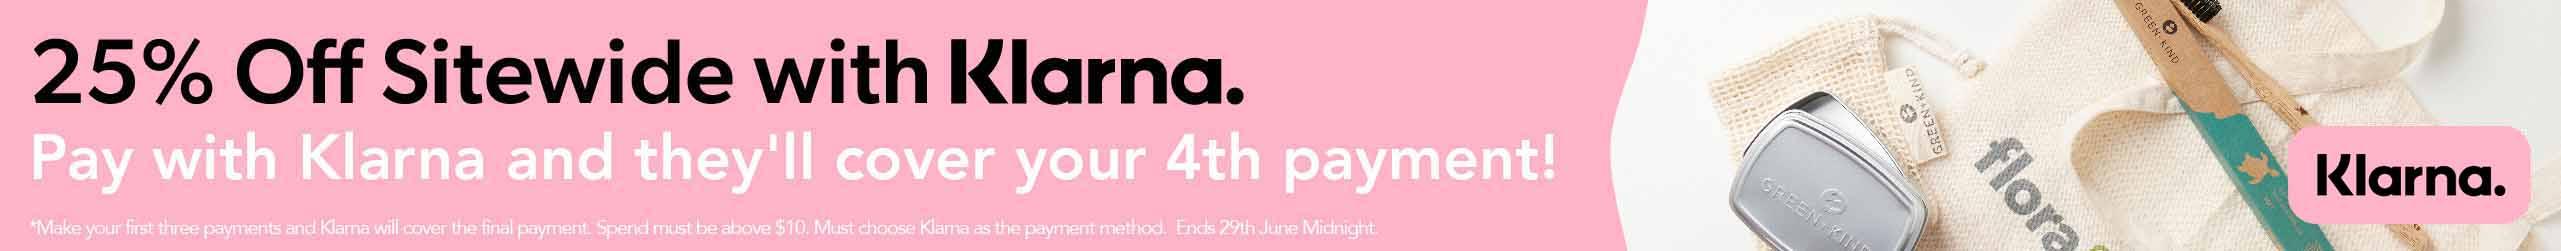 Save 25% with Klarna